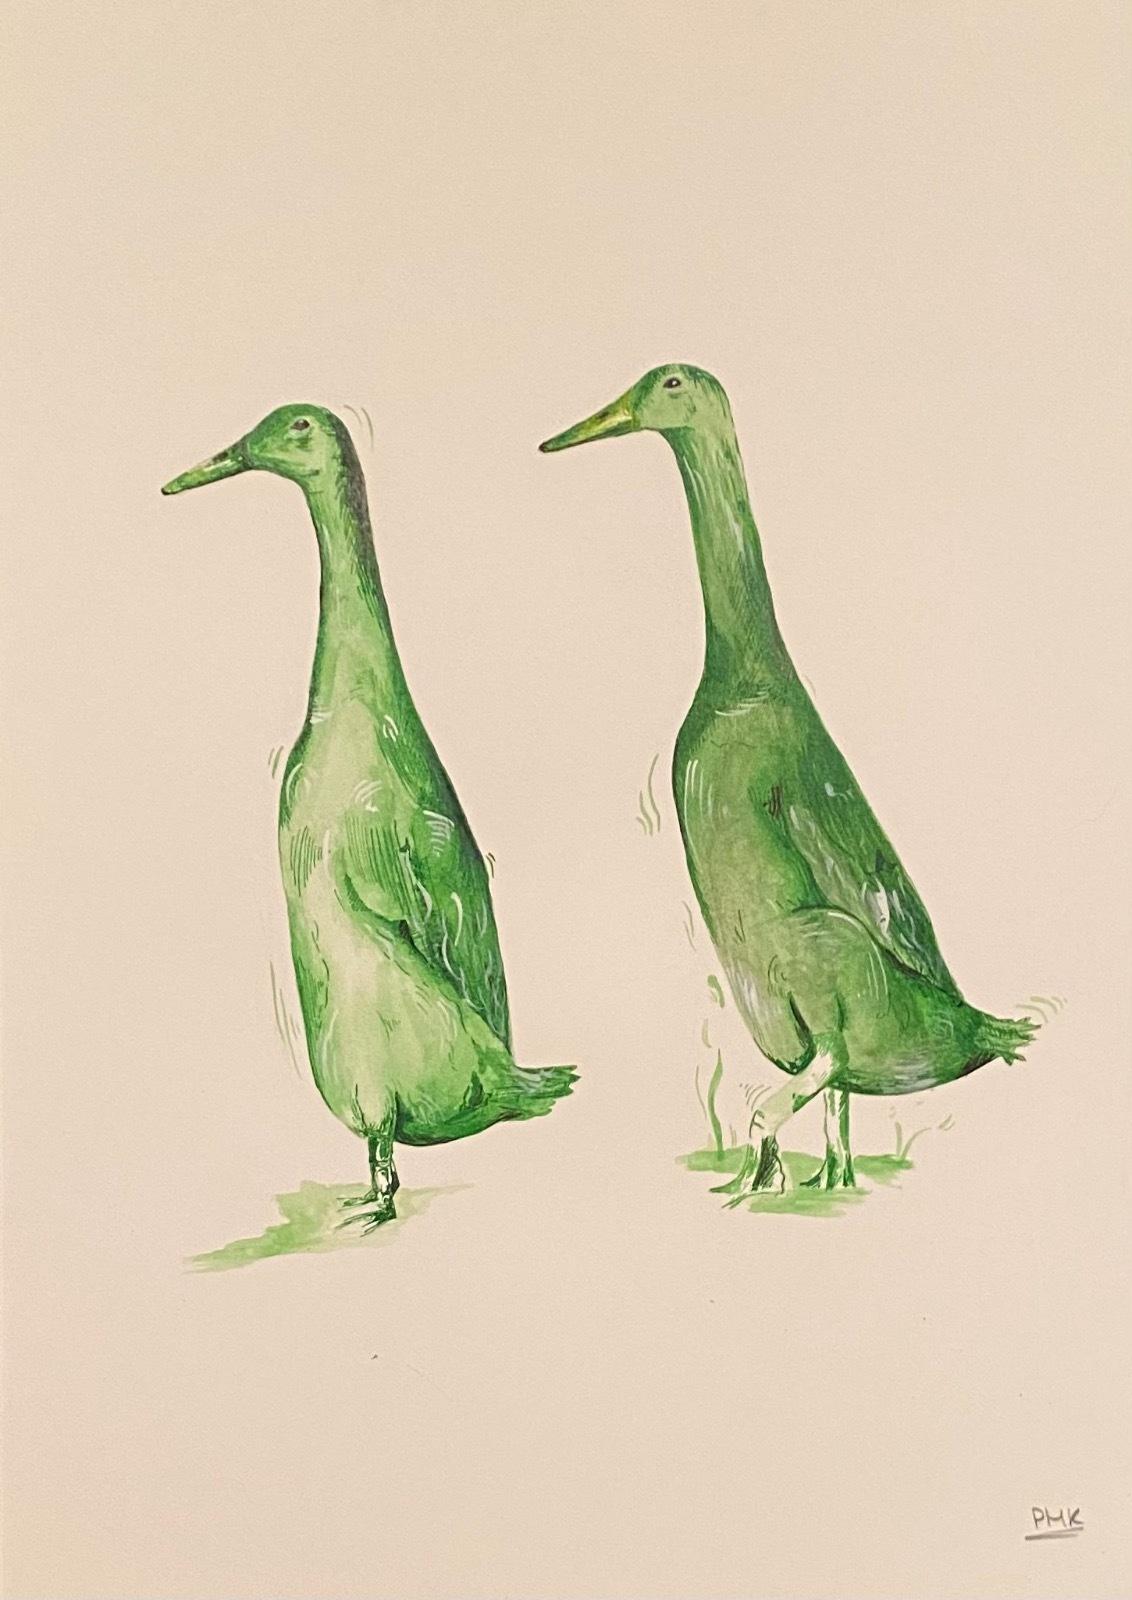 Indian Runner Ducks A3 Giclée Print